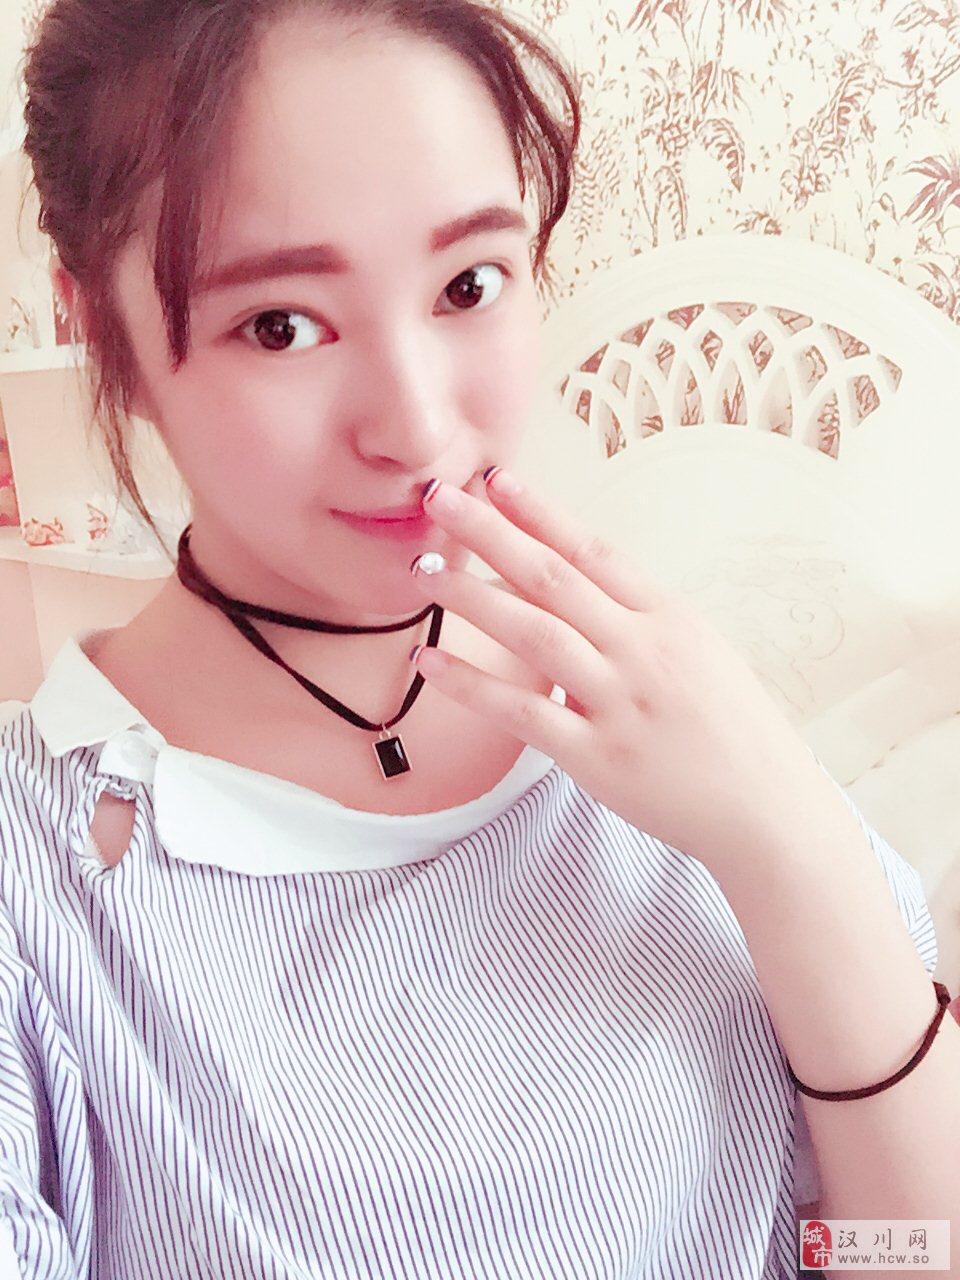 【美女秀场】刘珍